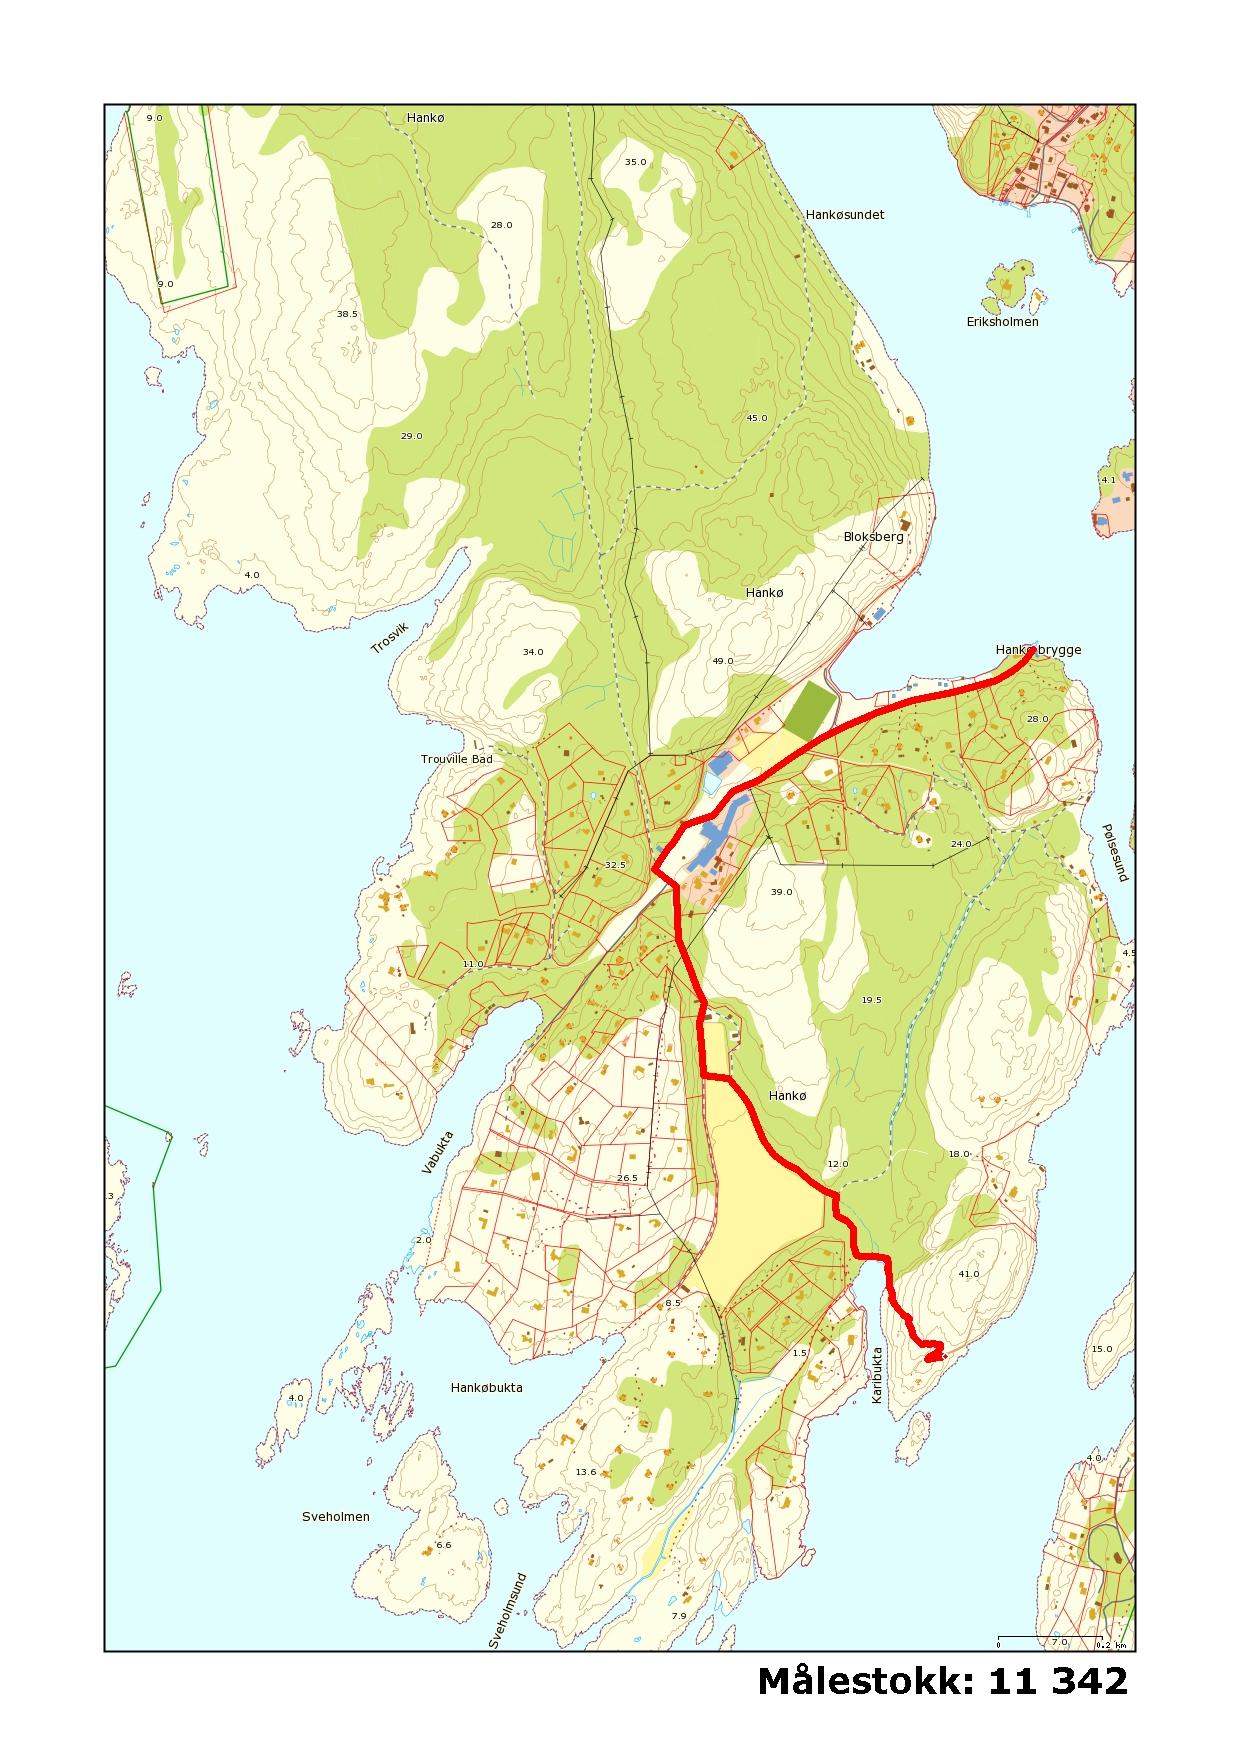 kart over hankø Hankø   Rælingen klatreklubb kart over hankø